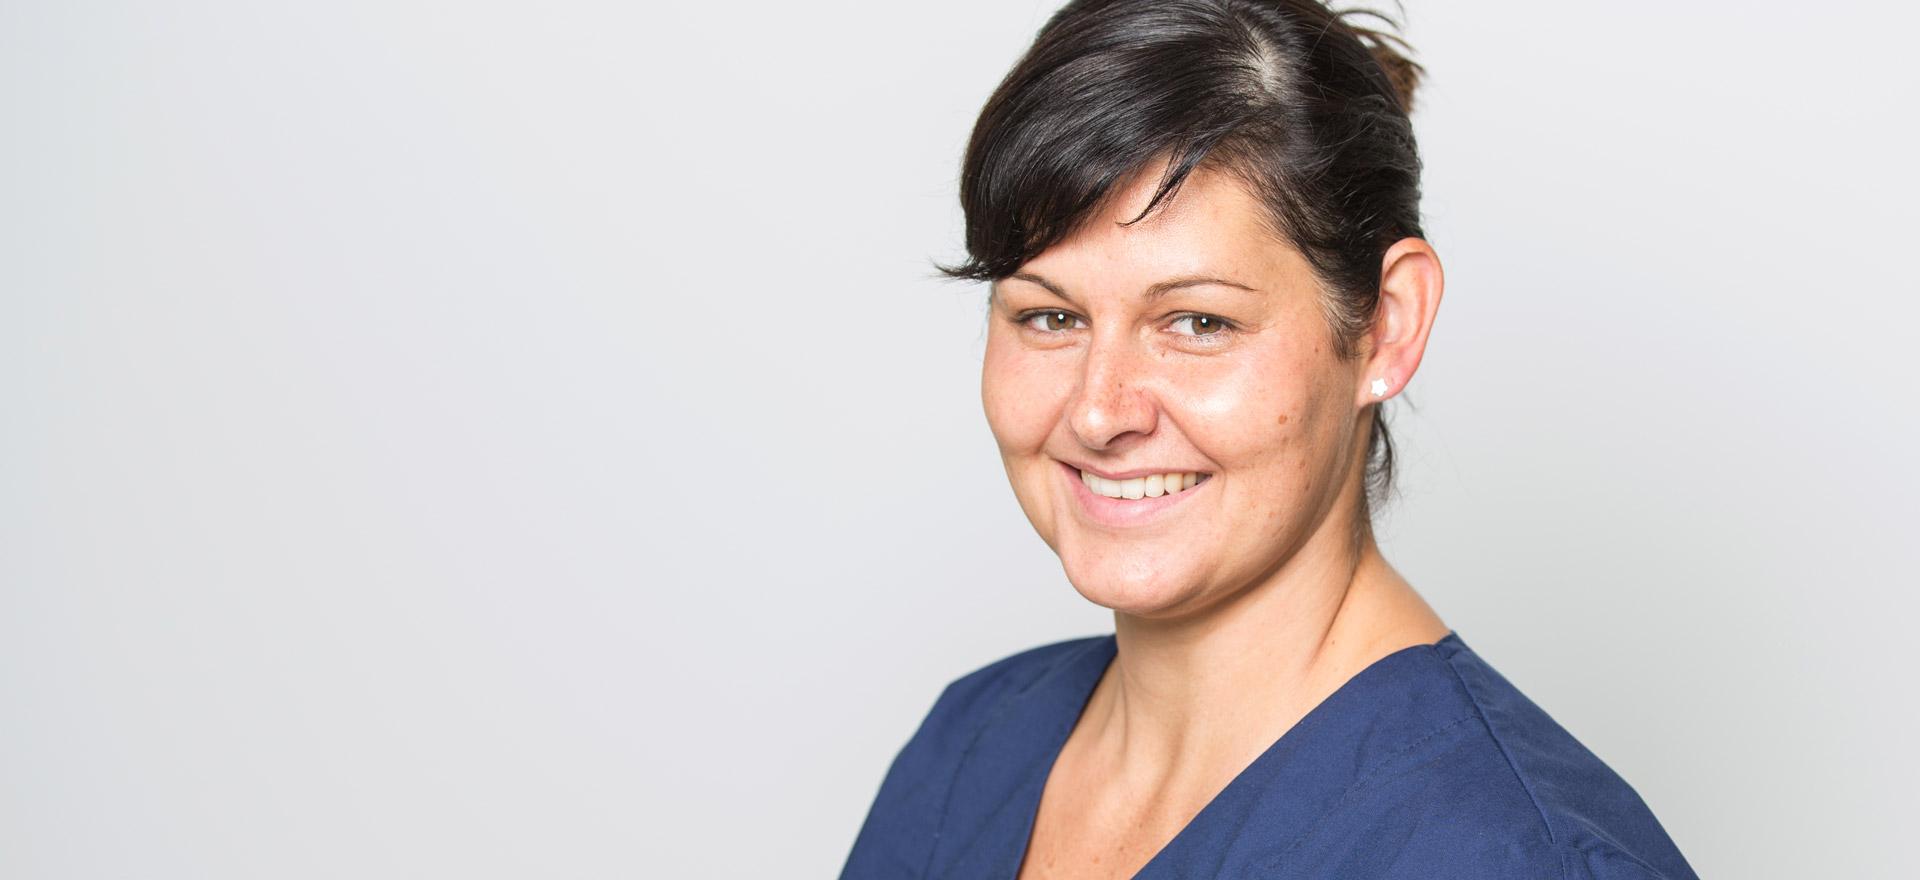 Eine Dentalhygienikerin aus Berlin lächelt in die Kamera.